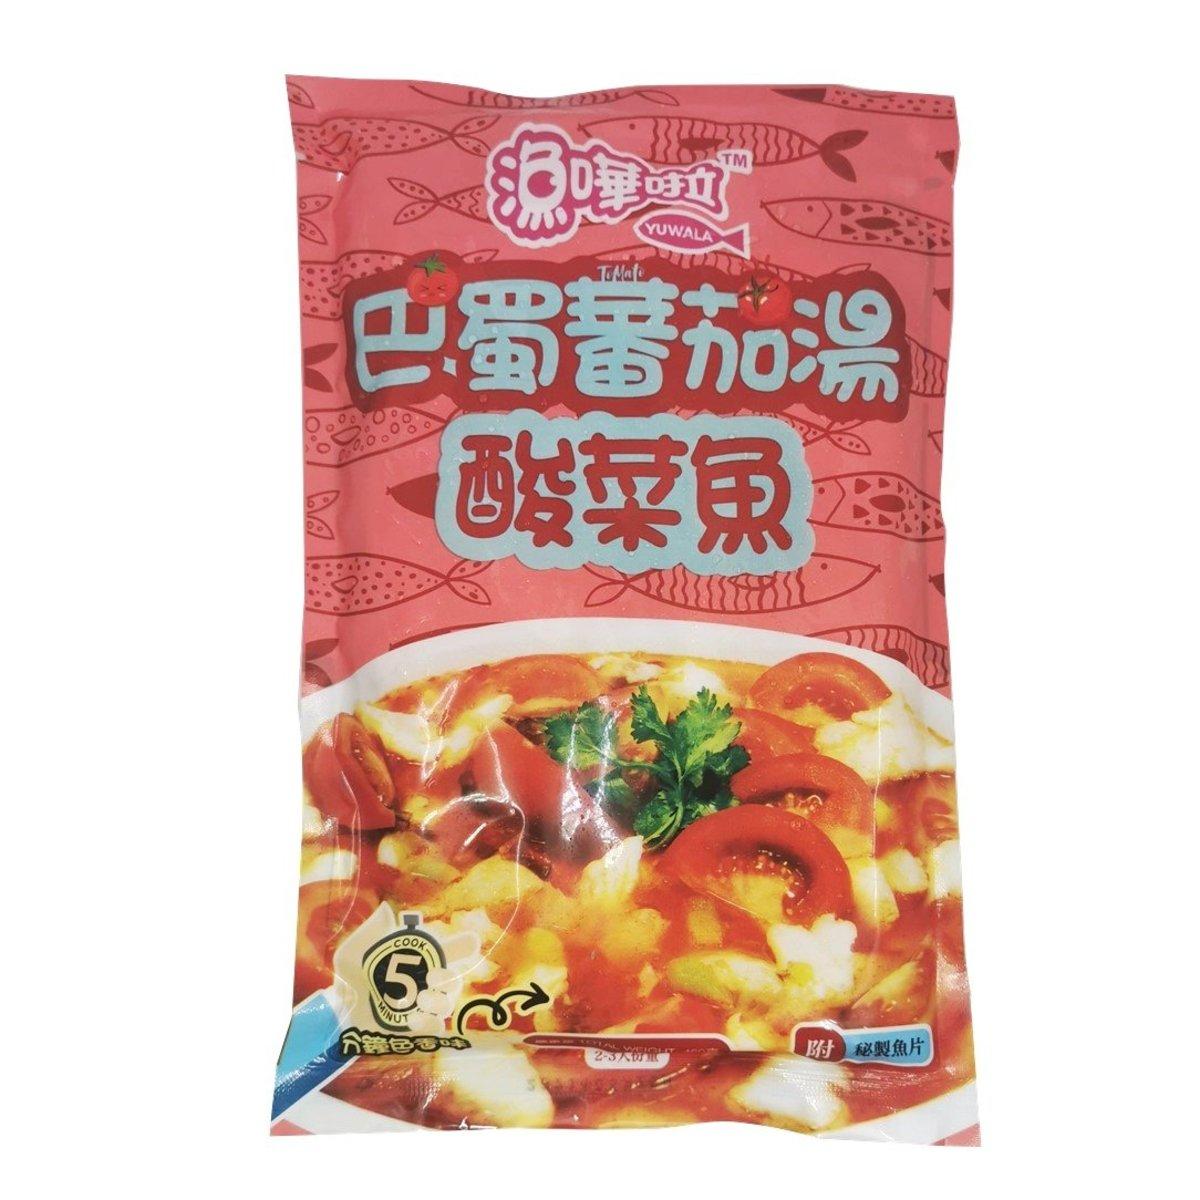 巴蜀蕃茄湯酸菜魚 (2- 3人份量)